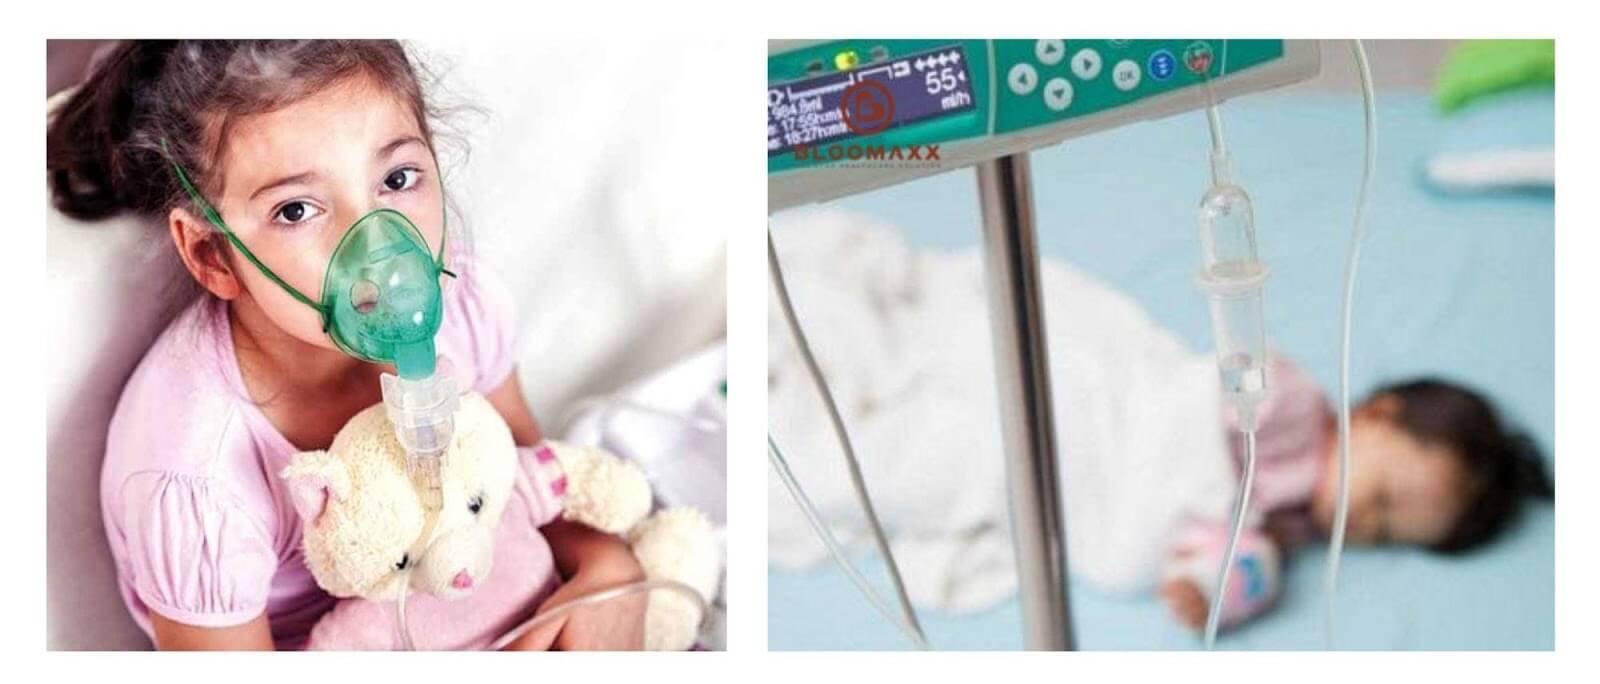 Khi bị ốm, trẻ biếng ăn có nguy cơ cao bị viêm phổi hoặc tiêu chảy nặng, phải nhập viện điều trị dài ngày